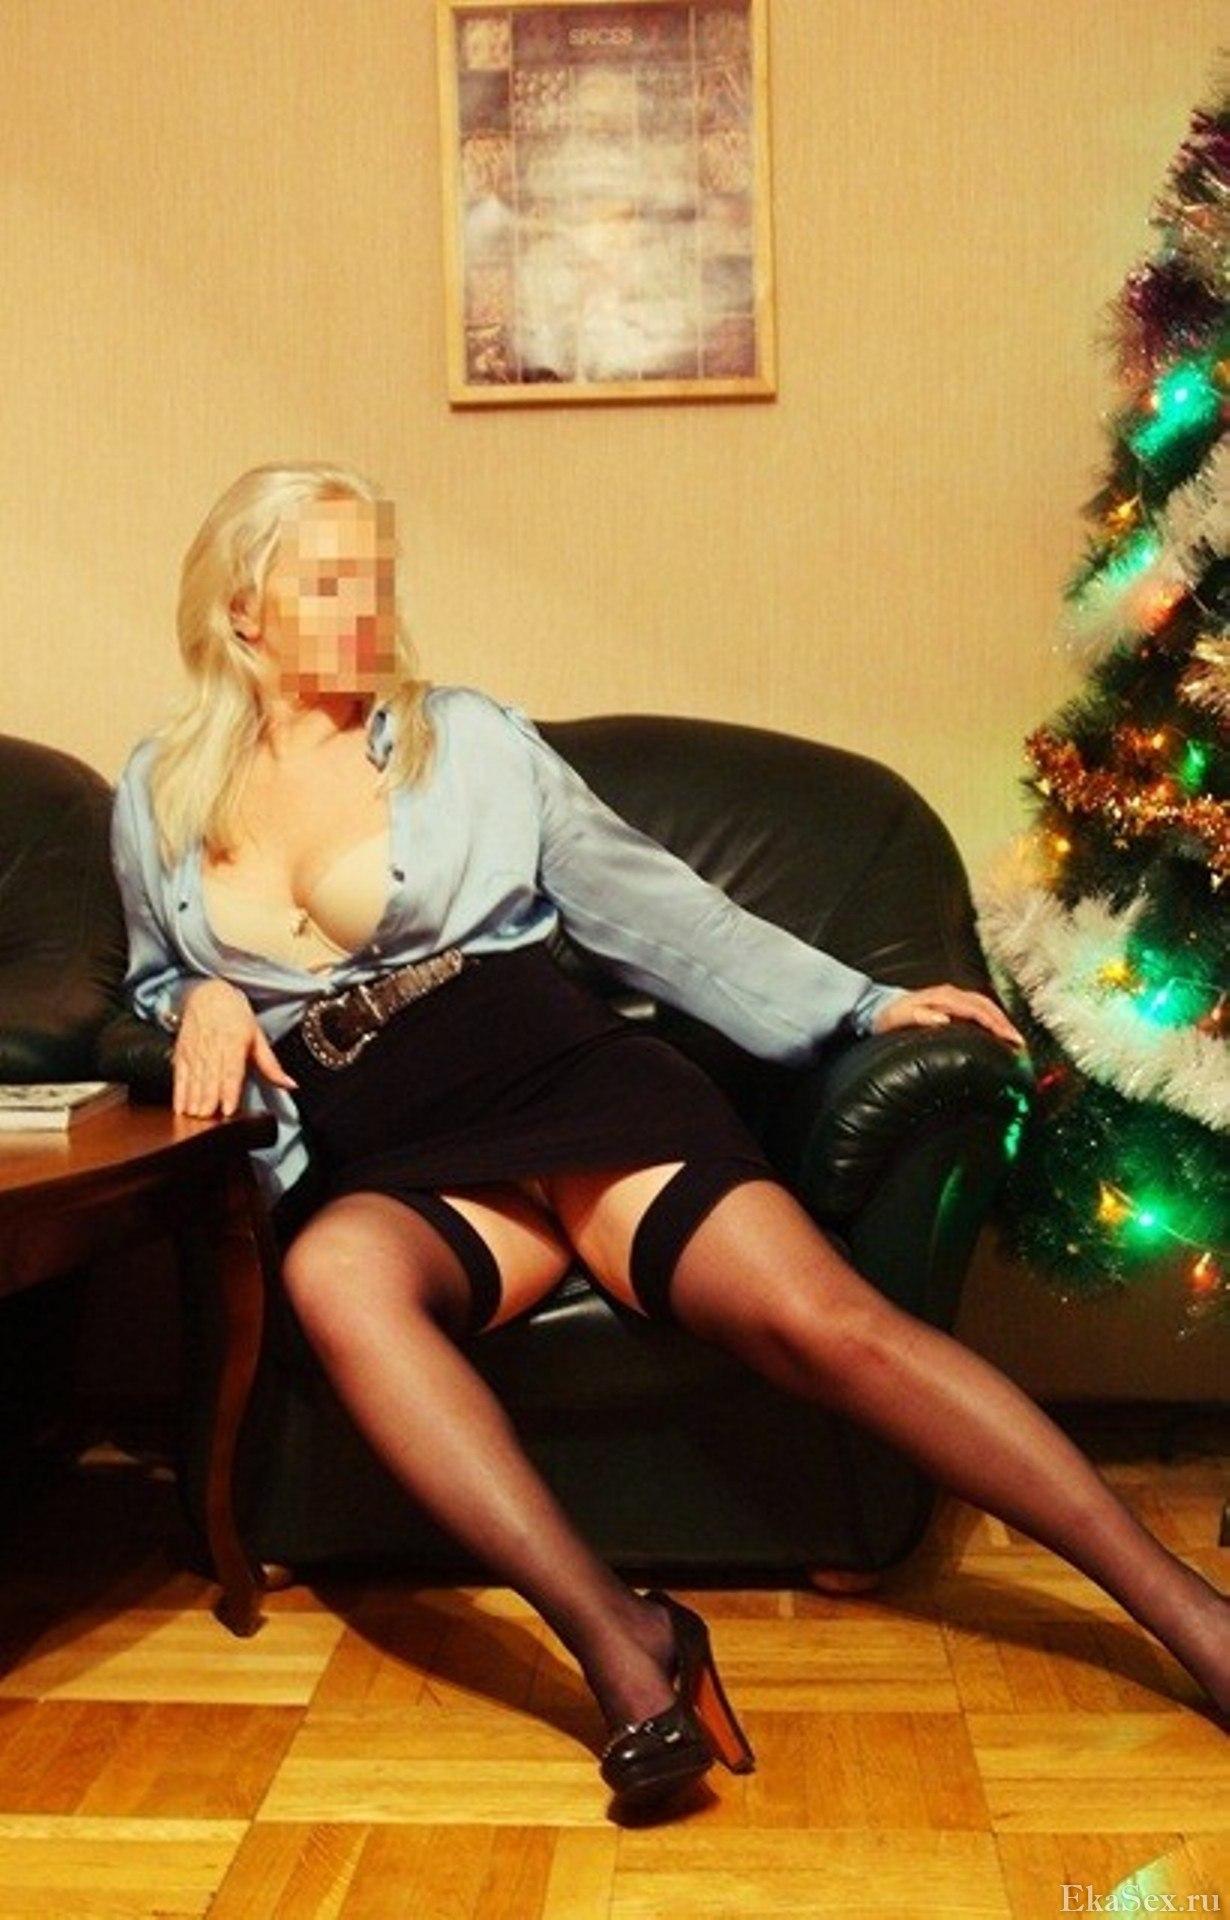 фото проститутки Катенька из города Екатеринбург